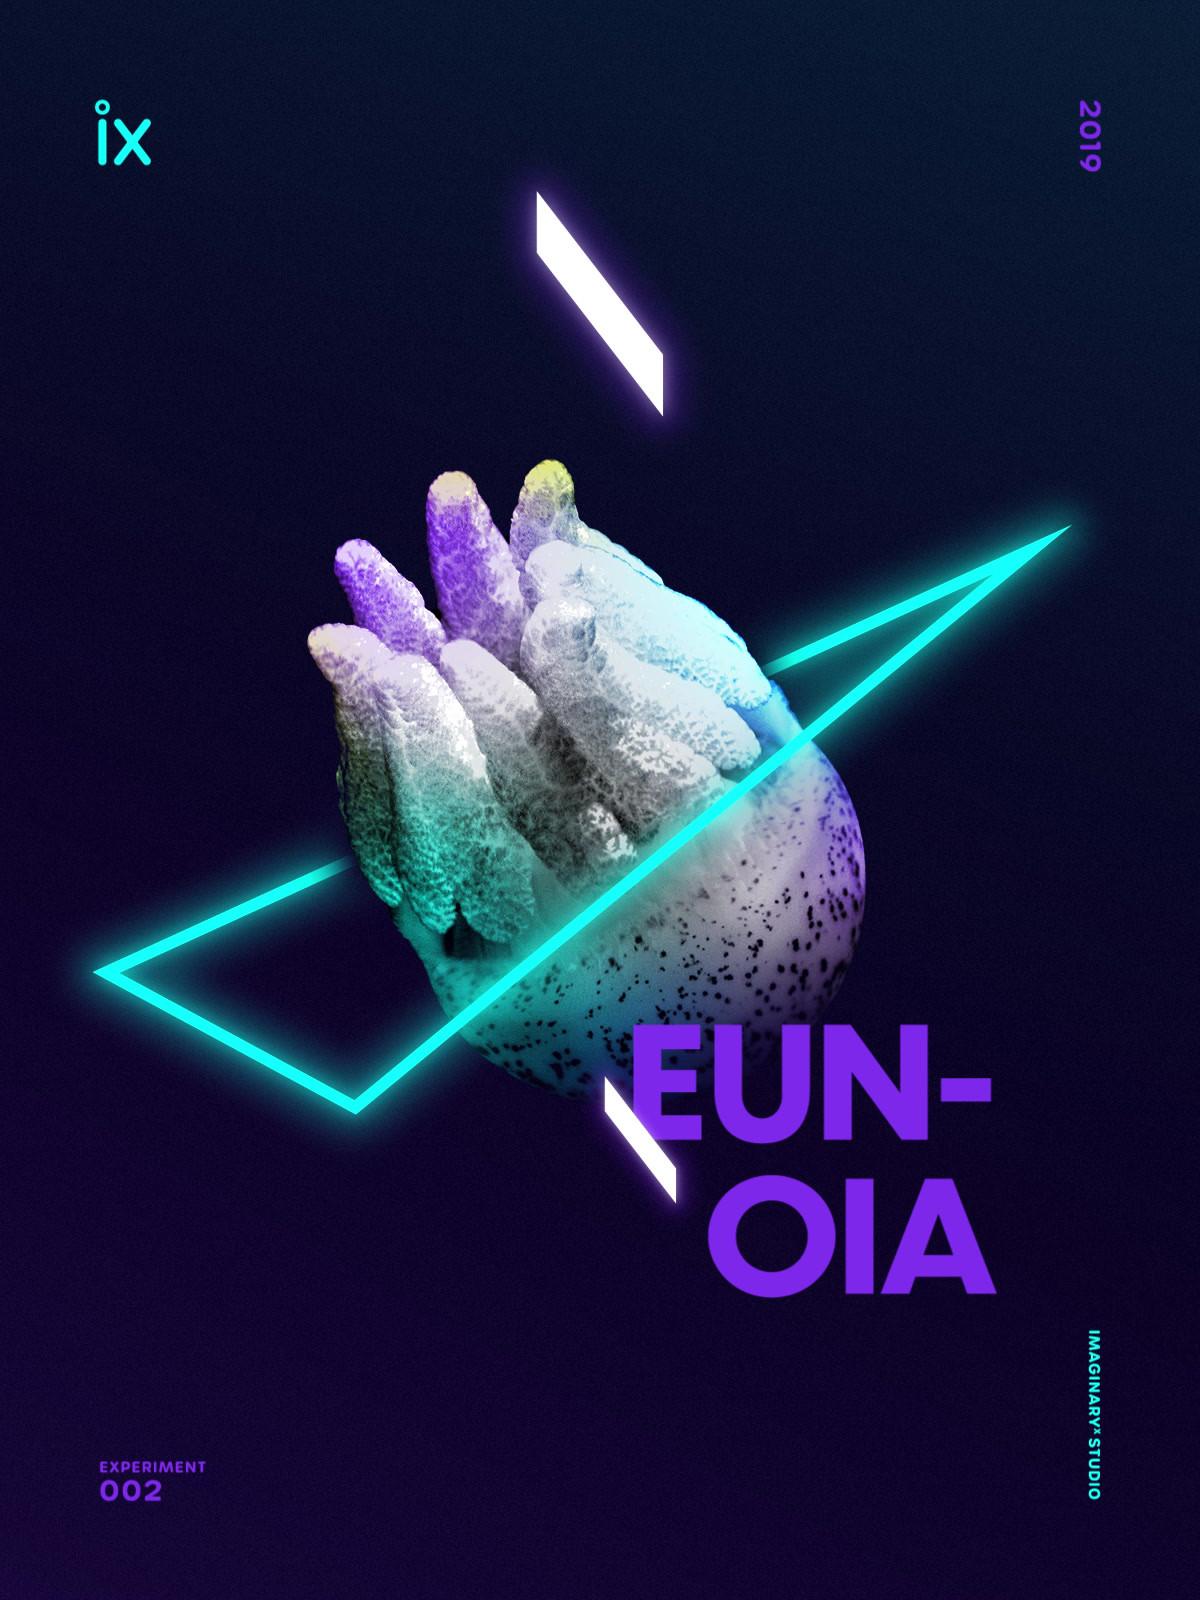 IX Experimental Poster